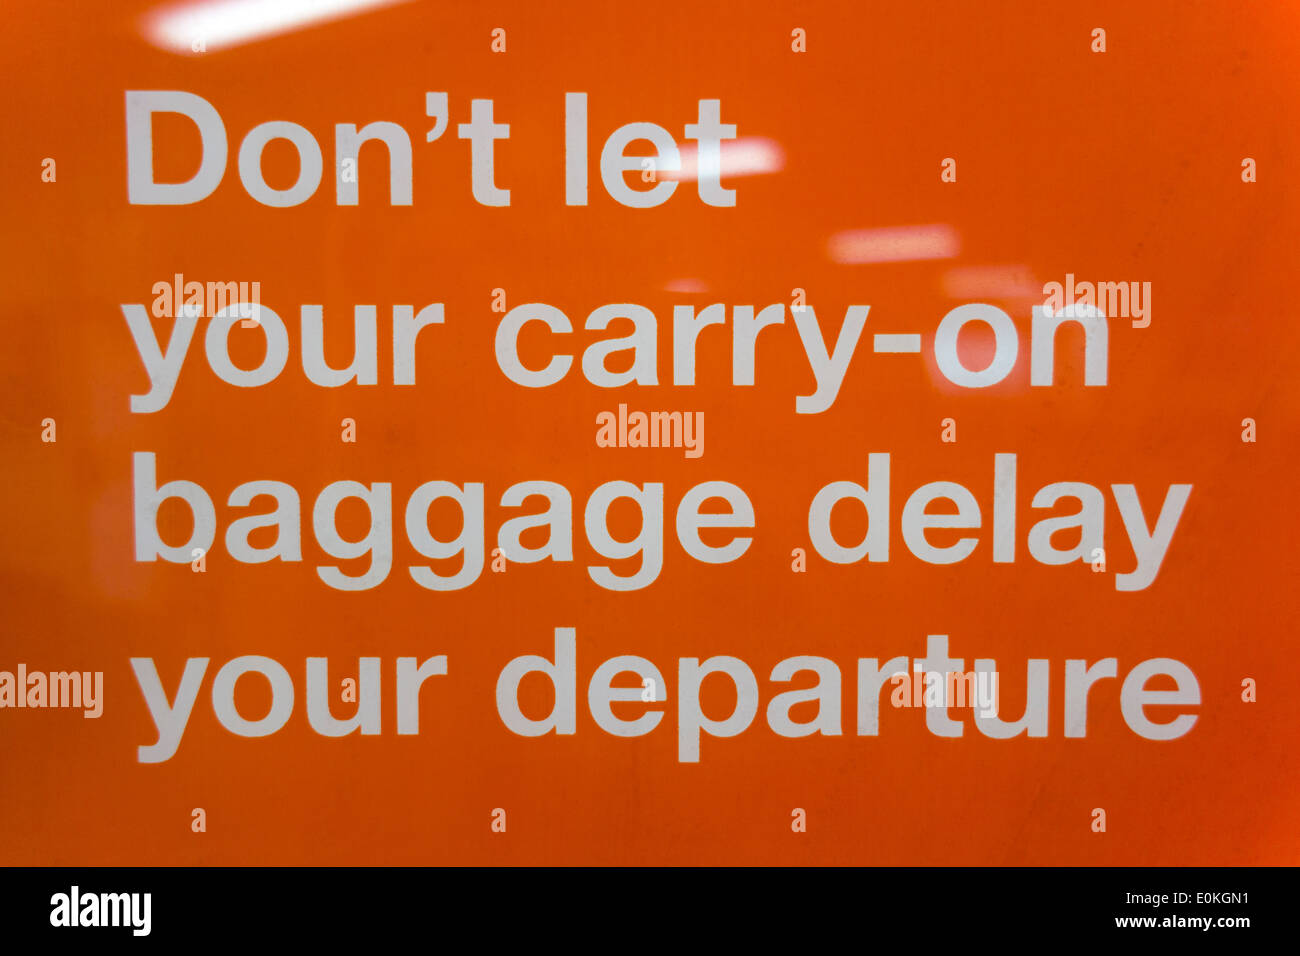 Lassen Sie sich nicht Ihr Handgepäck Ihrer Abreise verzögern. Schild am Flughafen Auckland Warnung über Kabine, Handgepäck Bhz weitermachen Stockbild